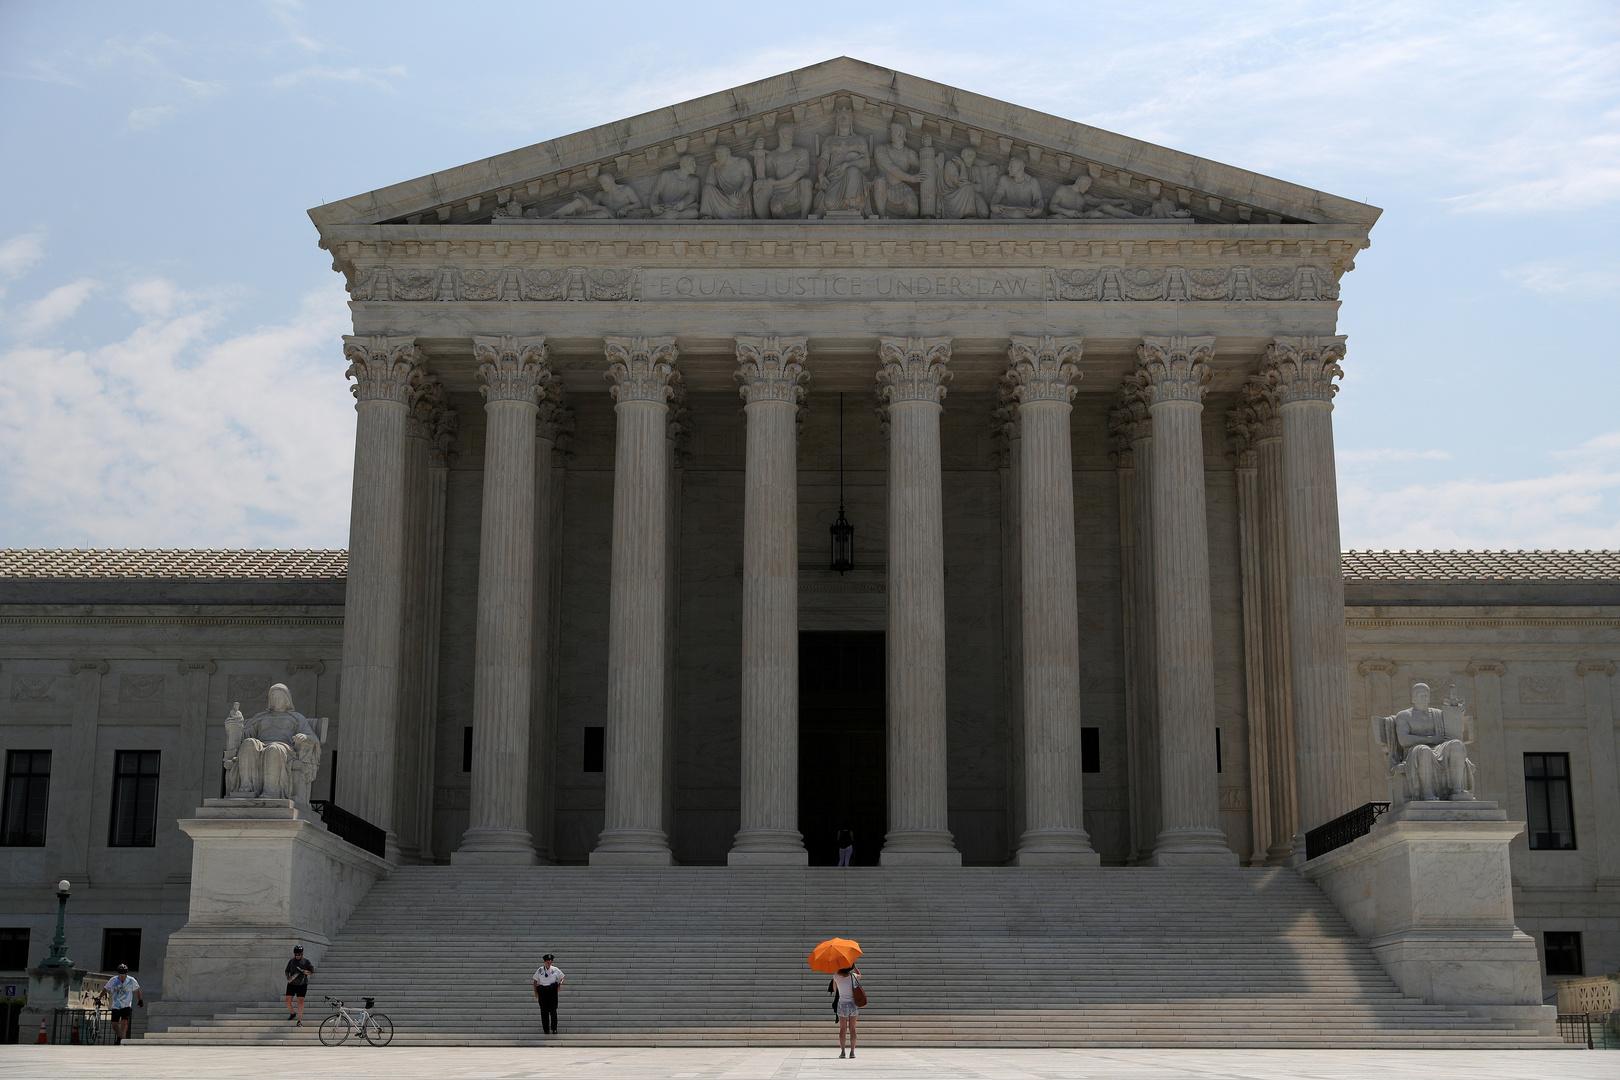 المحكمة العليا الأمريكية تصدر قرارا مزدوجا حول قضية الأوراق المالية لترامب